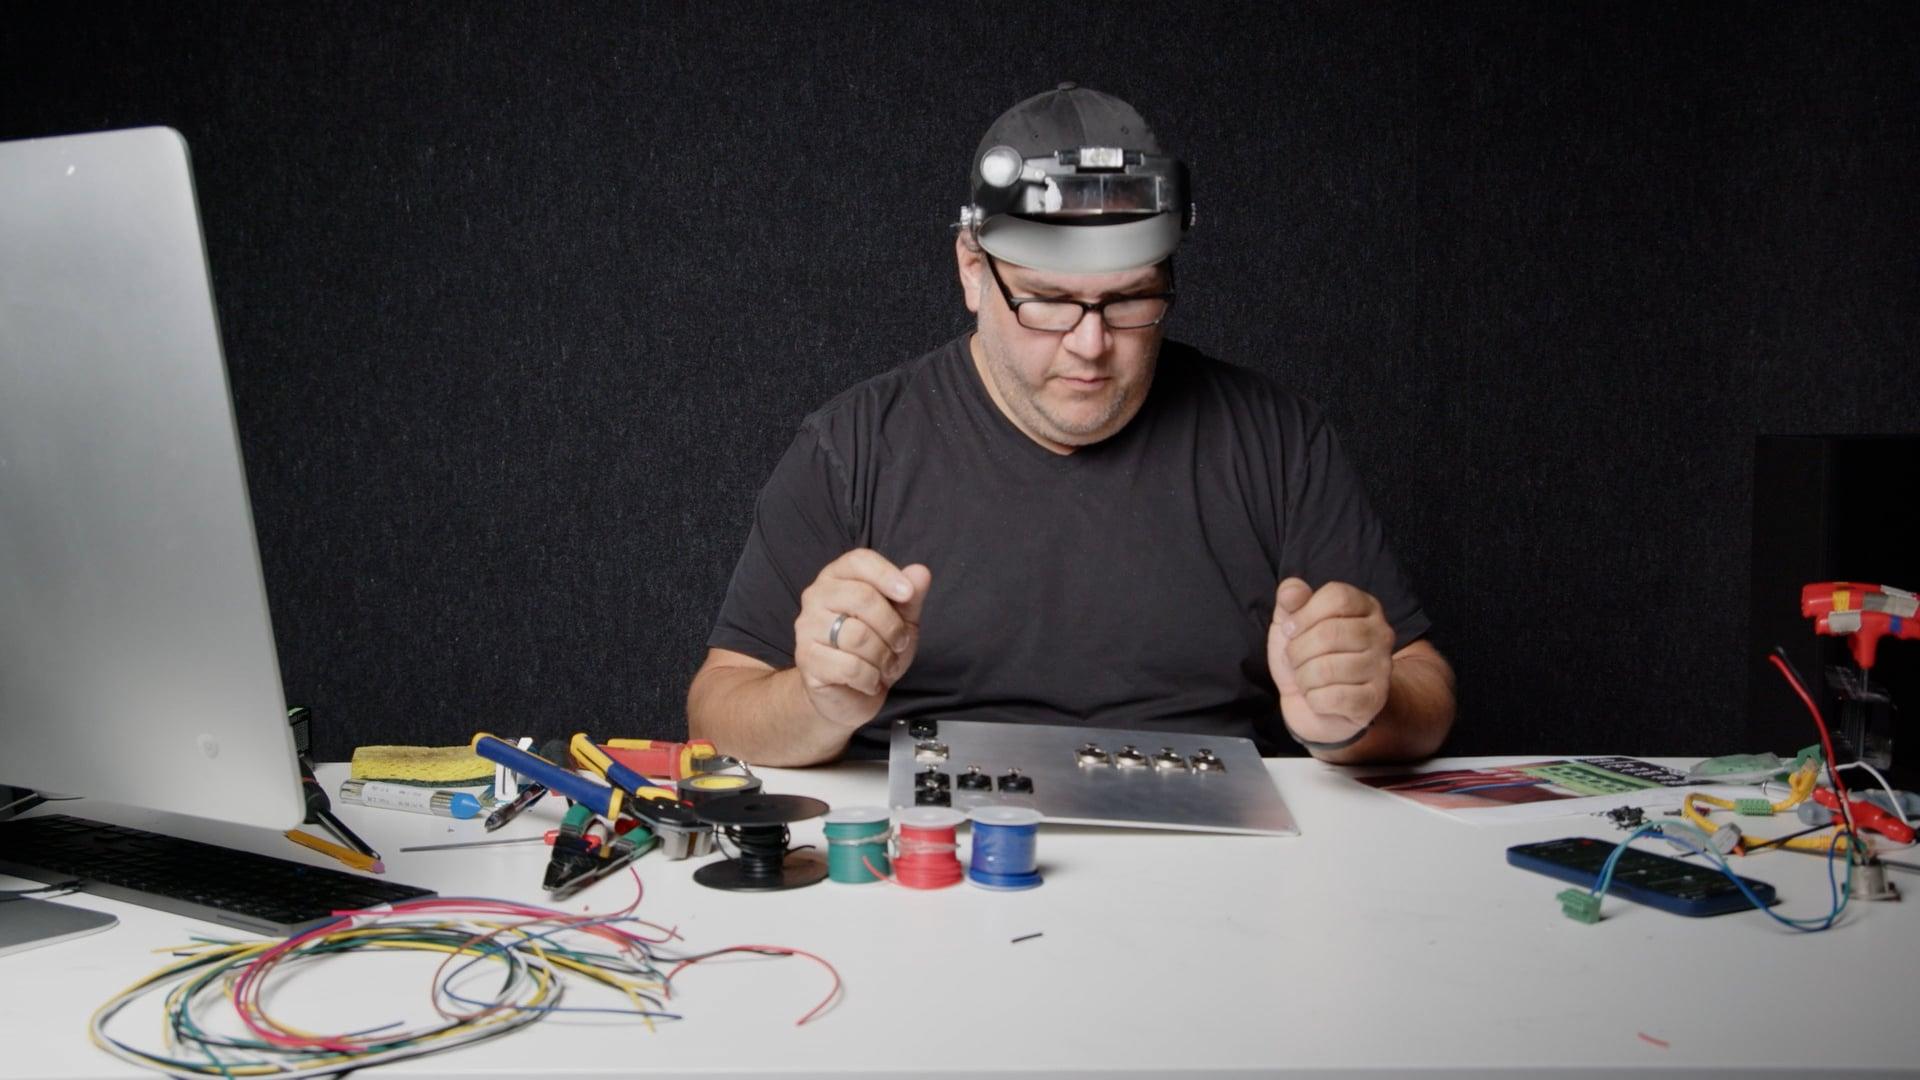 10 Stepper Motor Control Box Build - Part 4